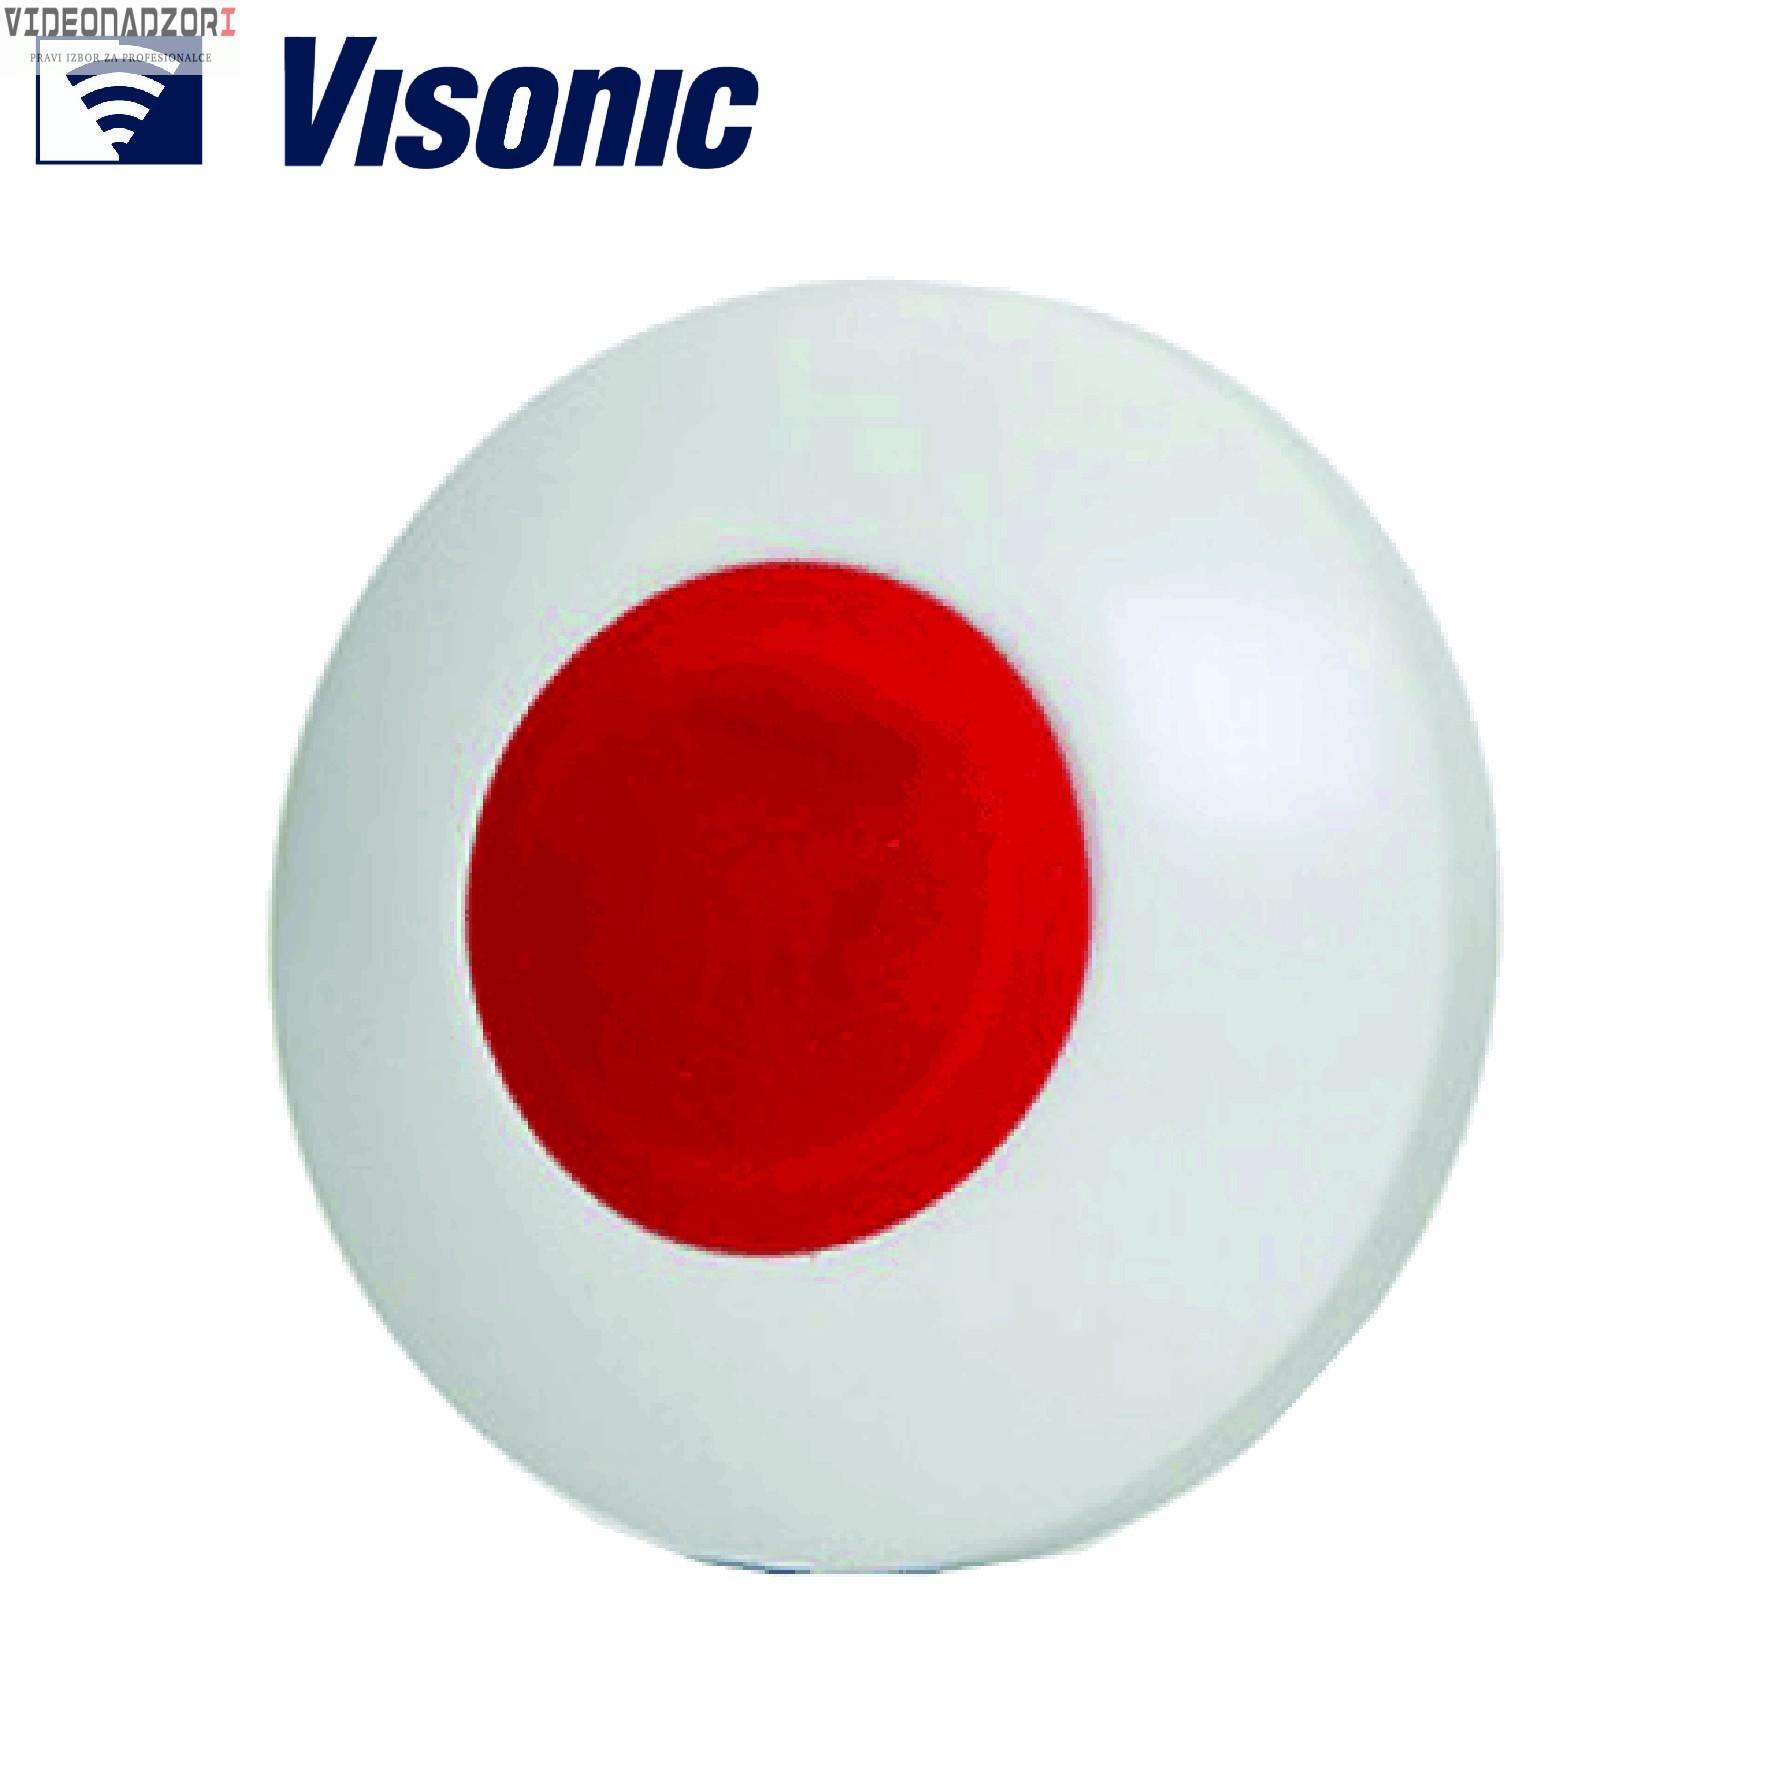 Visonic bežični upravljač - Bežična panik tipka MCT-220 prodavac VideoNadzori Hrvatska  za samo 486,25kn